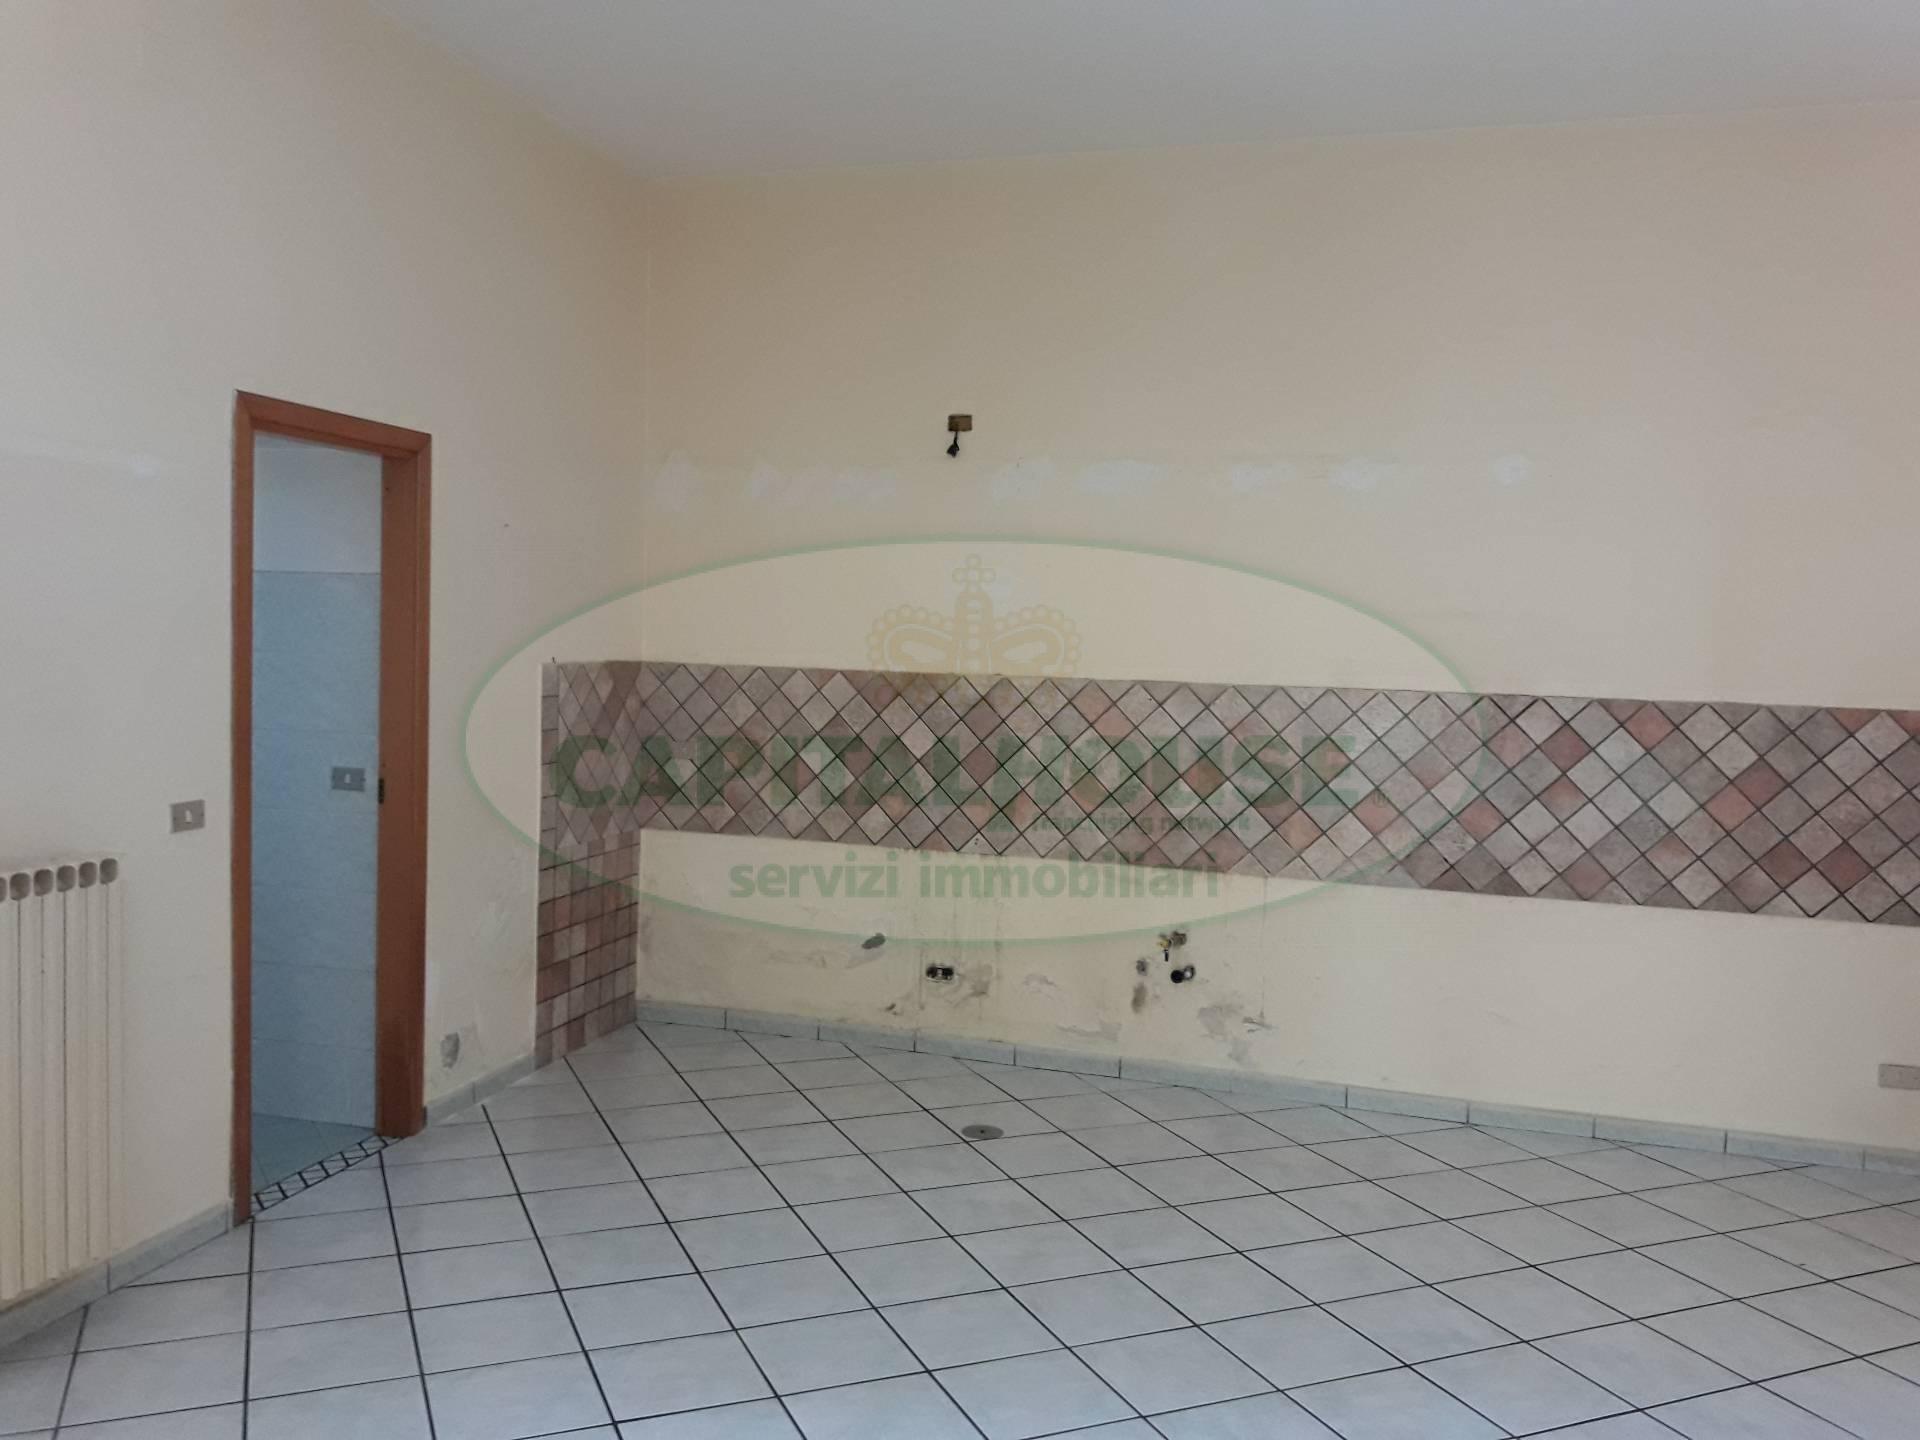 Soluzione Indipendente in vendita a Macerata Campania, 8 locali, prezzo € 180.000 | CambioCasa.it